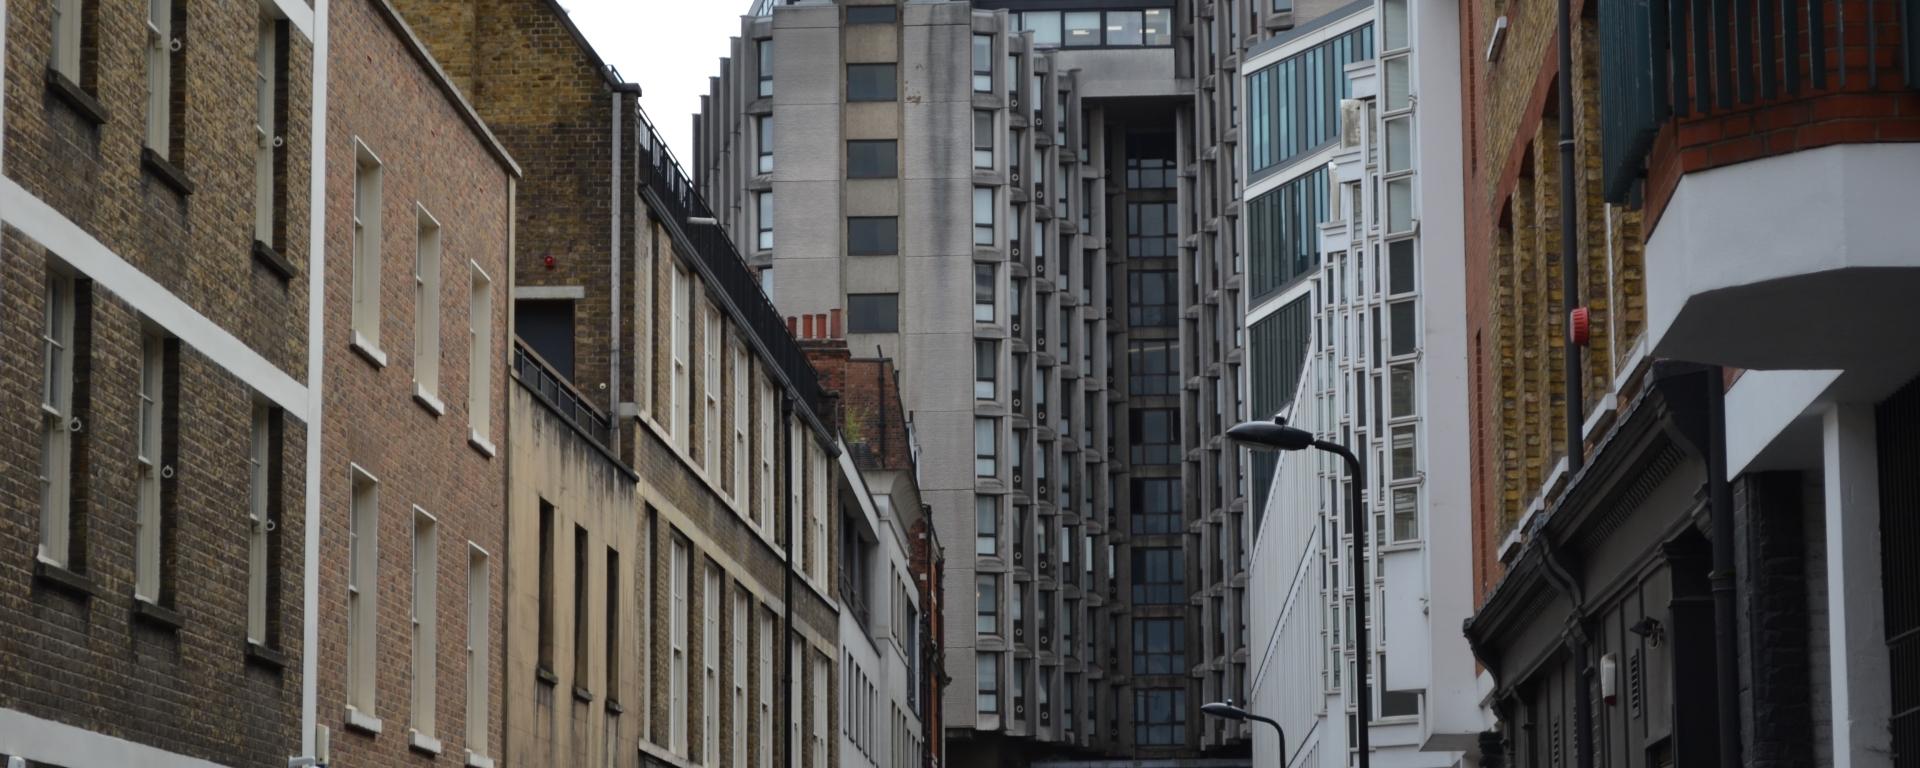 Morwell Street in Bloomsbury, London